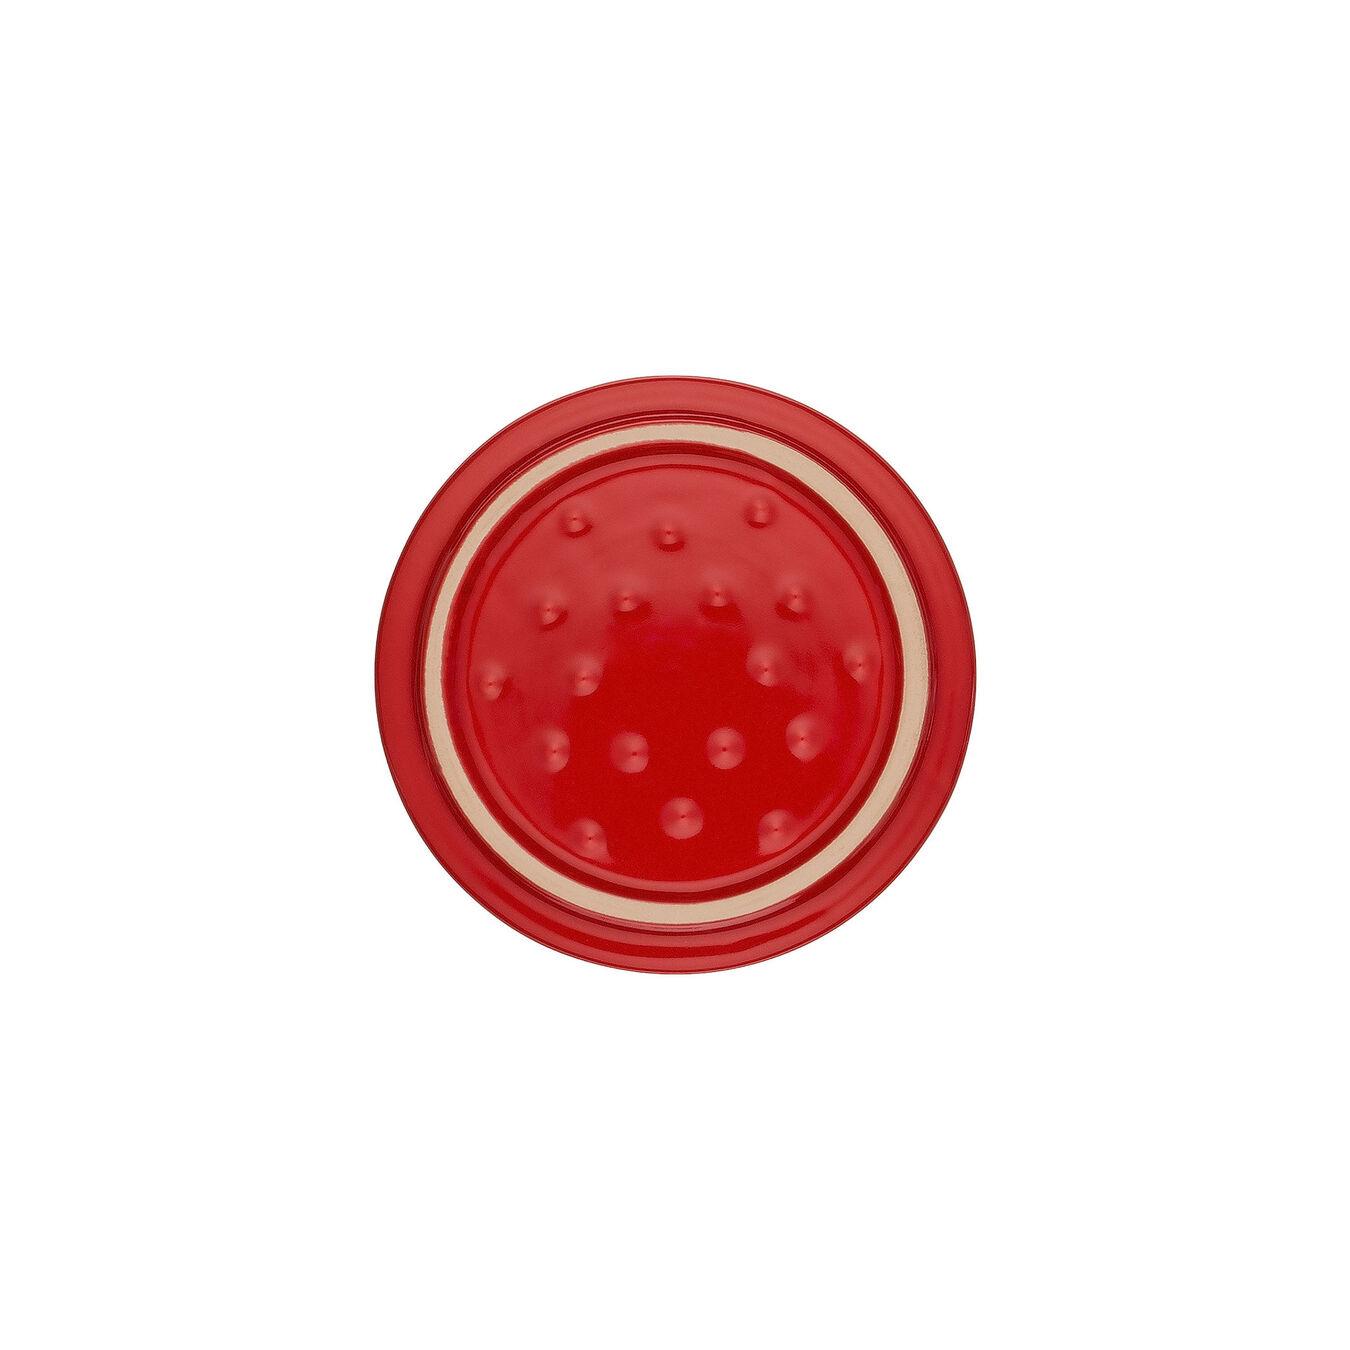 Mini Cocotte 10 cm, Rond(e), Cerise, Céramique,,large 2